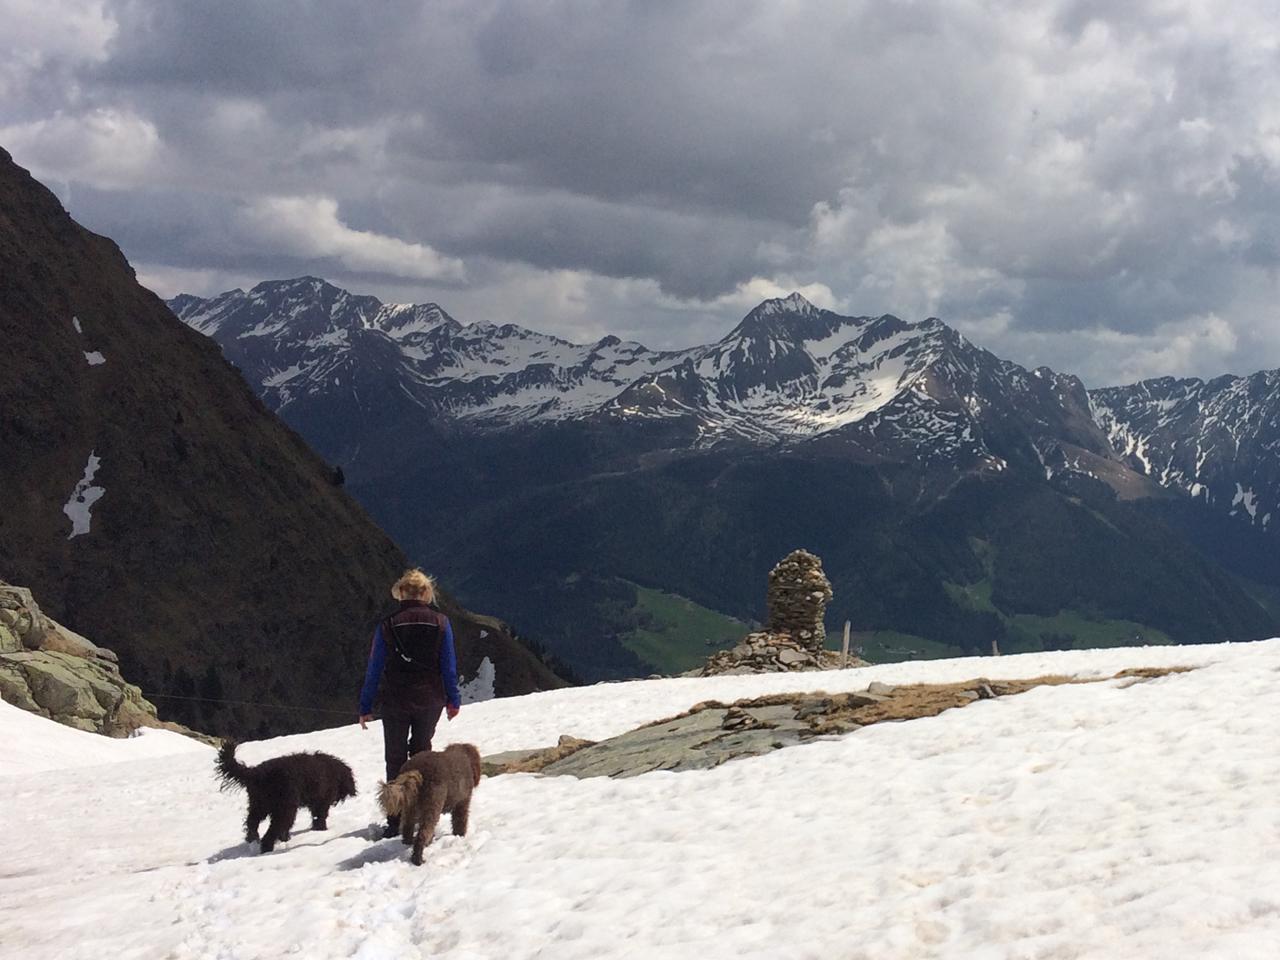 Ob Wasserstraßen, Schneefelder oder etwas ausgesetzte Pfade, Glori und Heloise haben es heute super gemacht. Eine wunderschöne, aussichtsreiche Tour zum noch nicht ganz Eis-und Schneefreien Obisee (2.150m) Nationalpark Texelgruppe